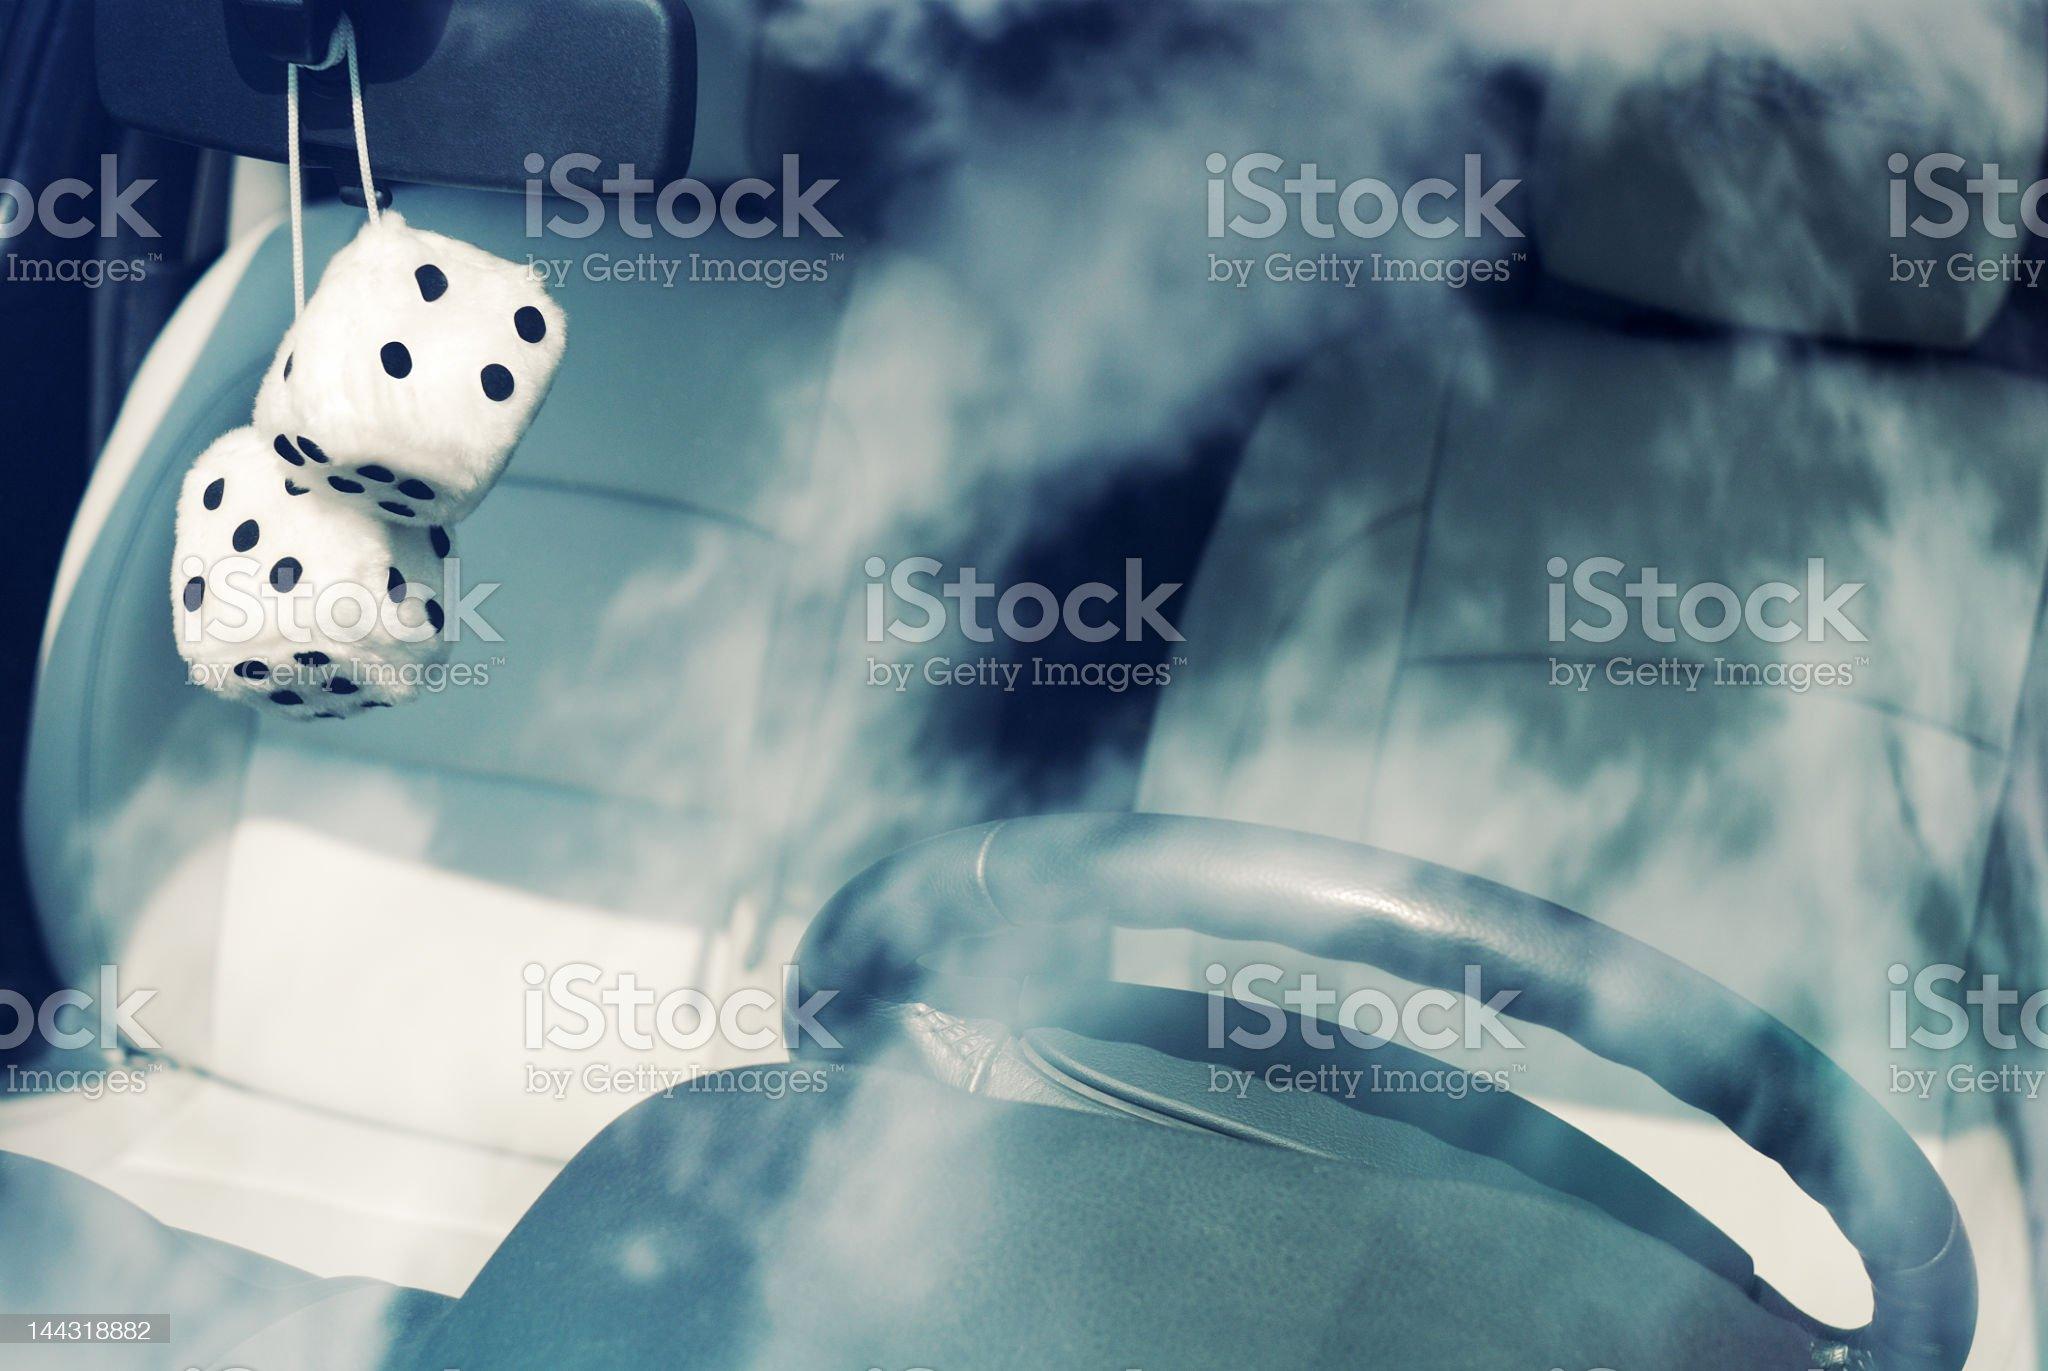 Fuzzy white dice royalty-free stock photo